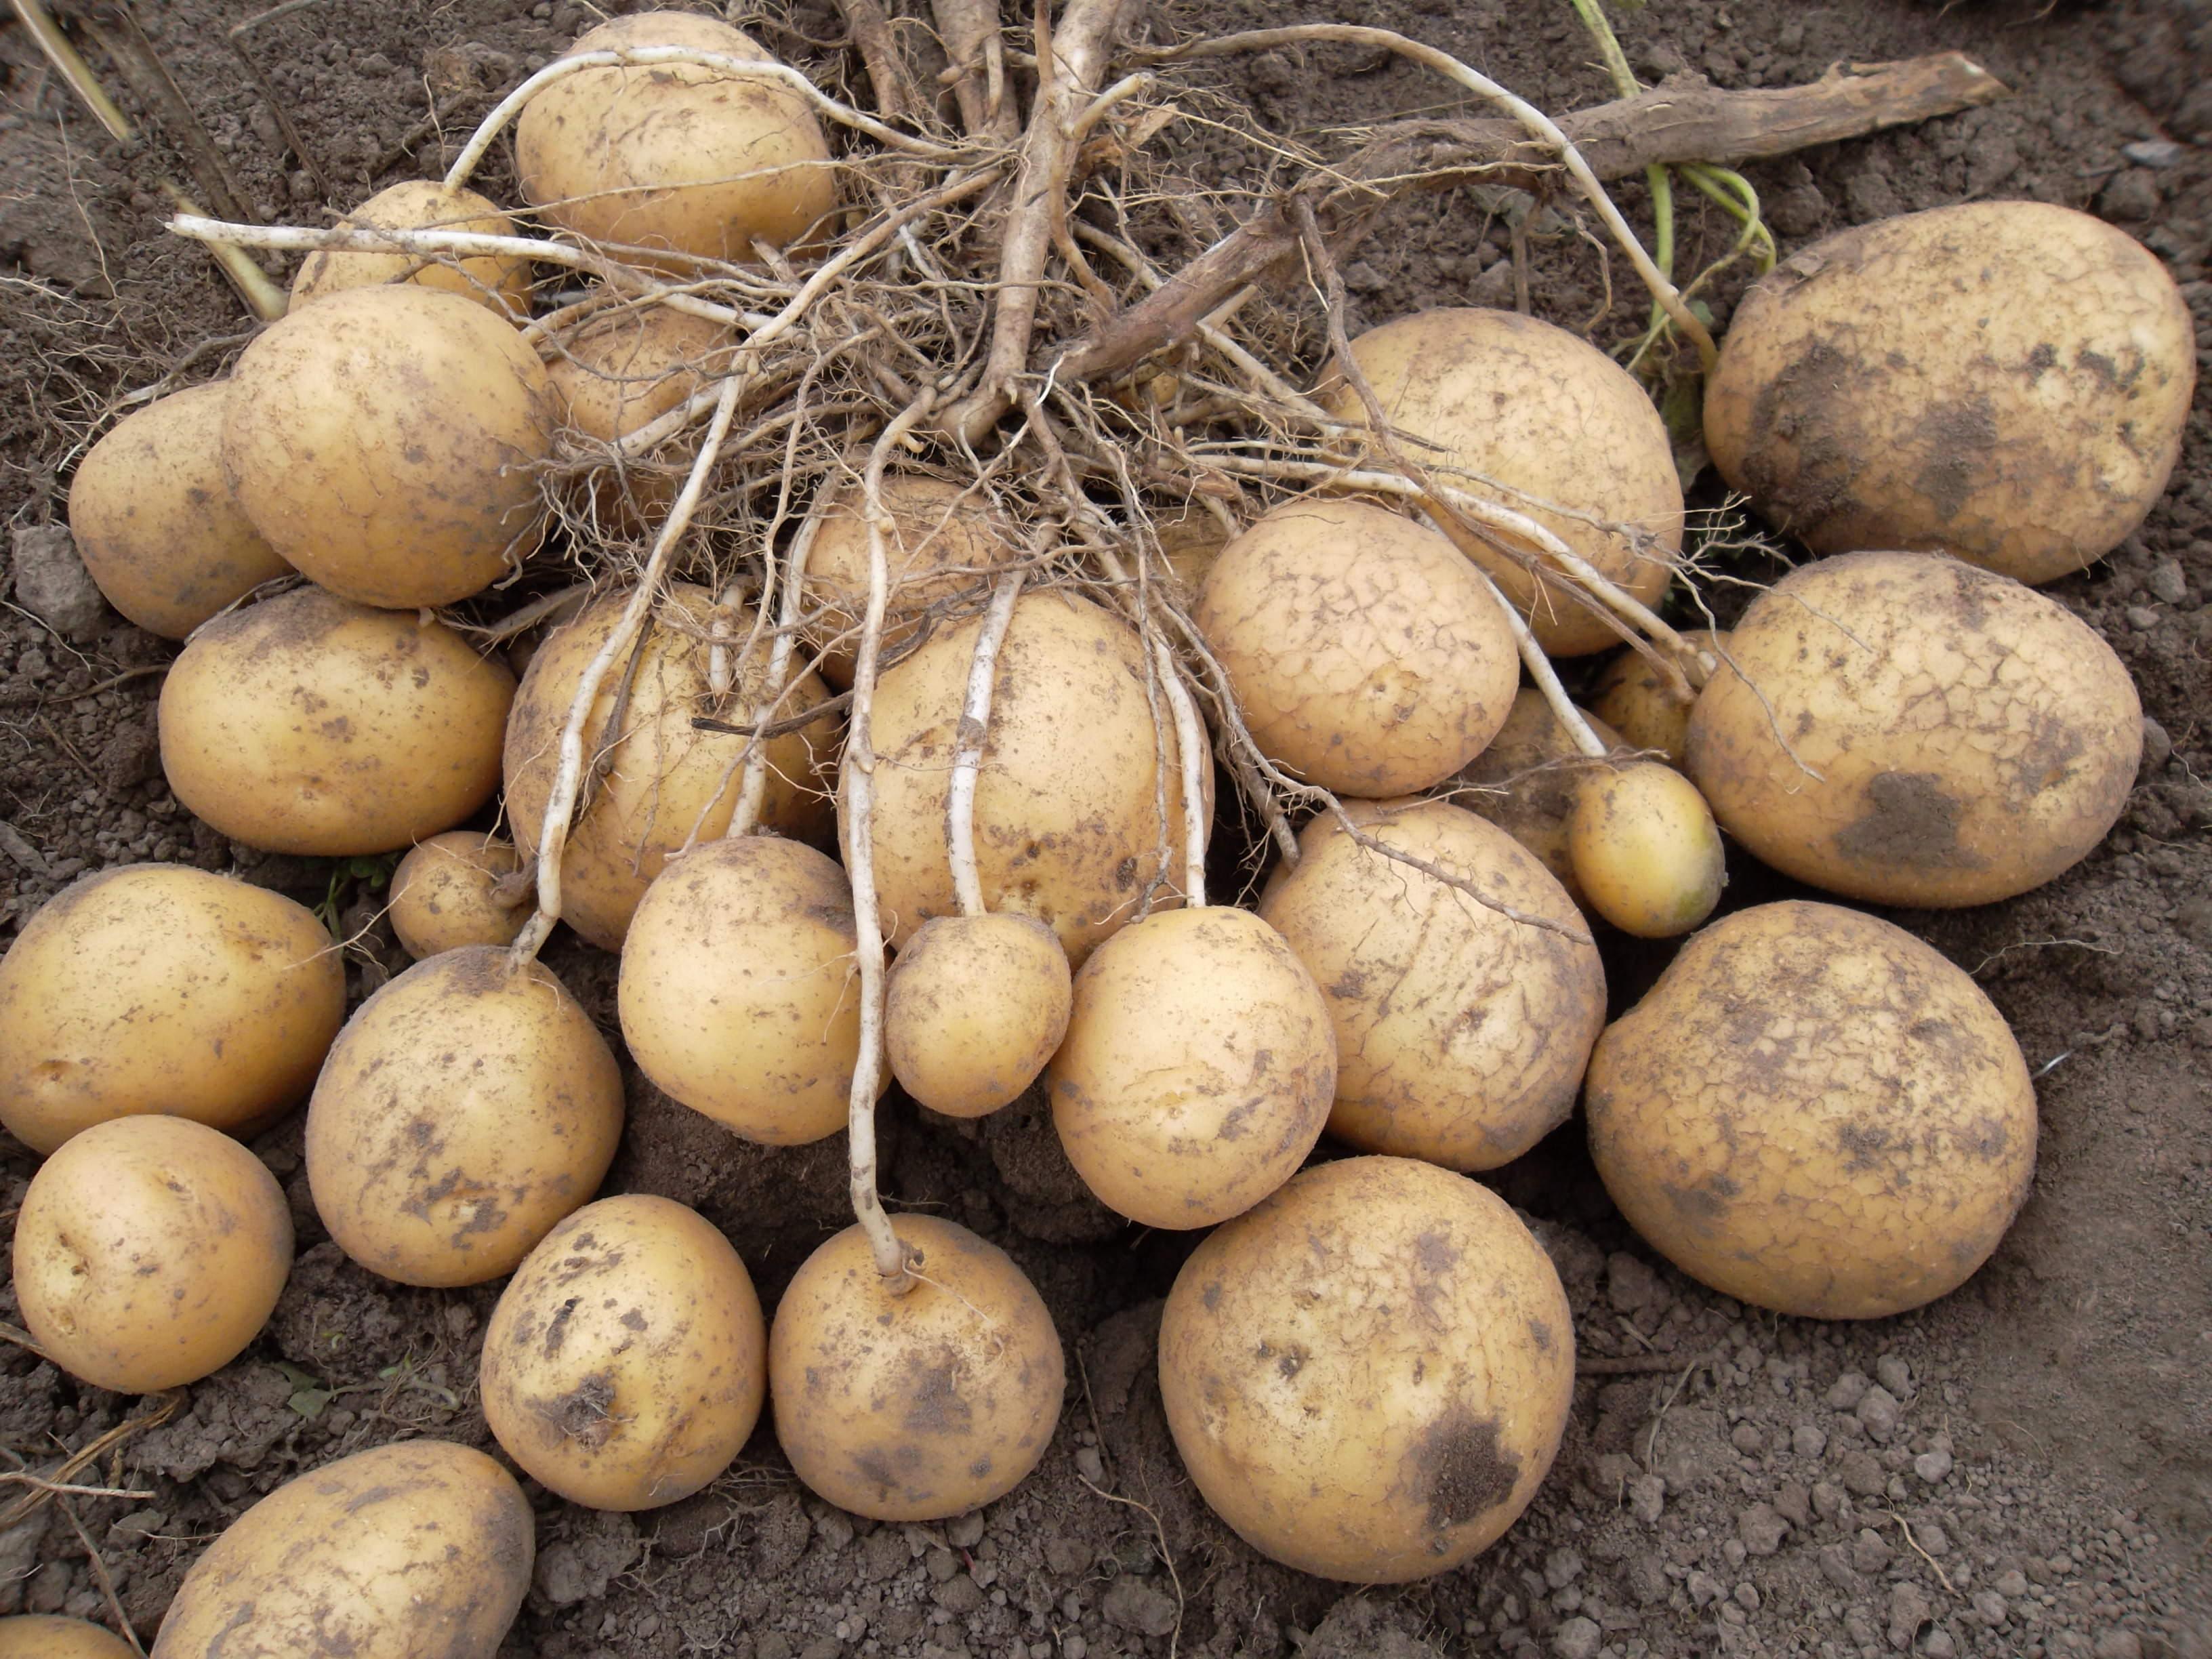 Семенной материал следует отбирать от наиболее урожайных и полностью здоровых кустов, которые успели сформировать в гнезде не менее десяти клубней